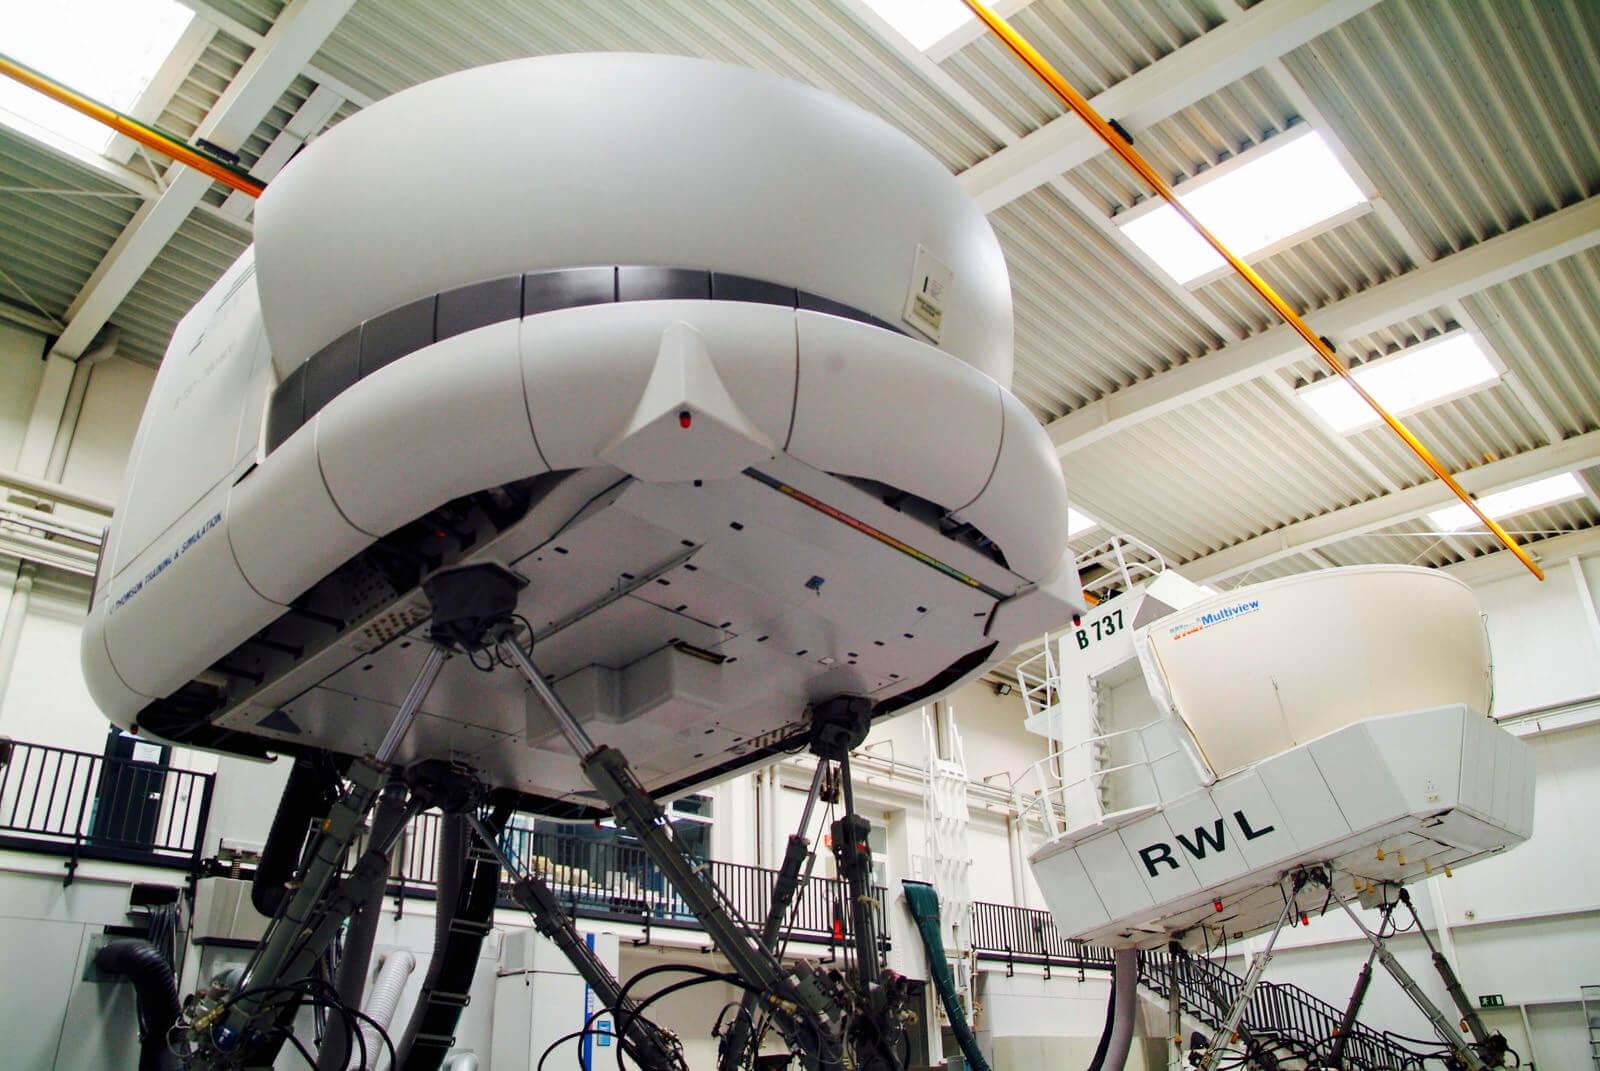 Pilotenausbildung bei der RWL